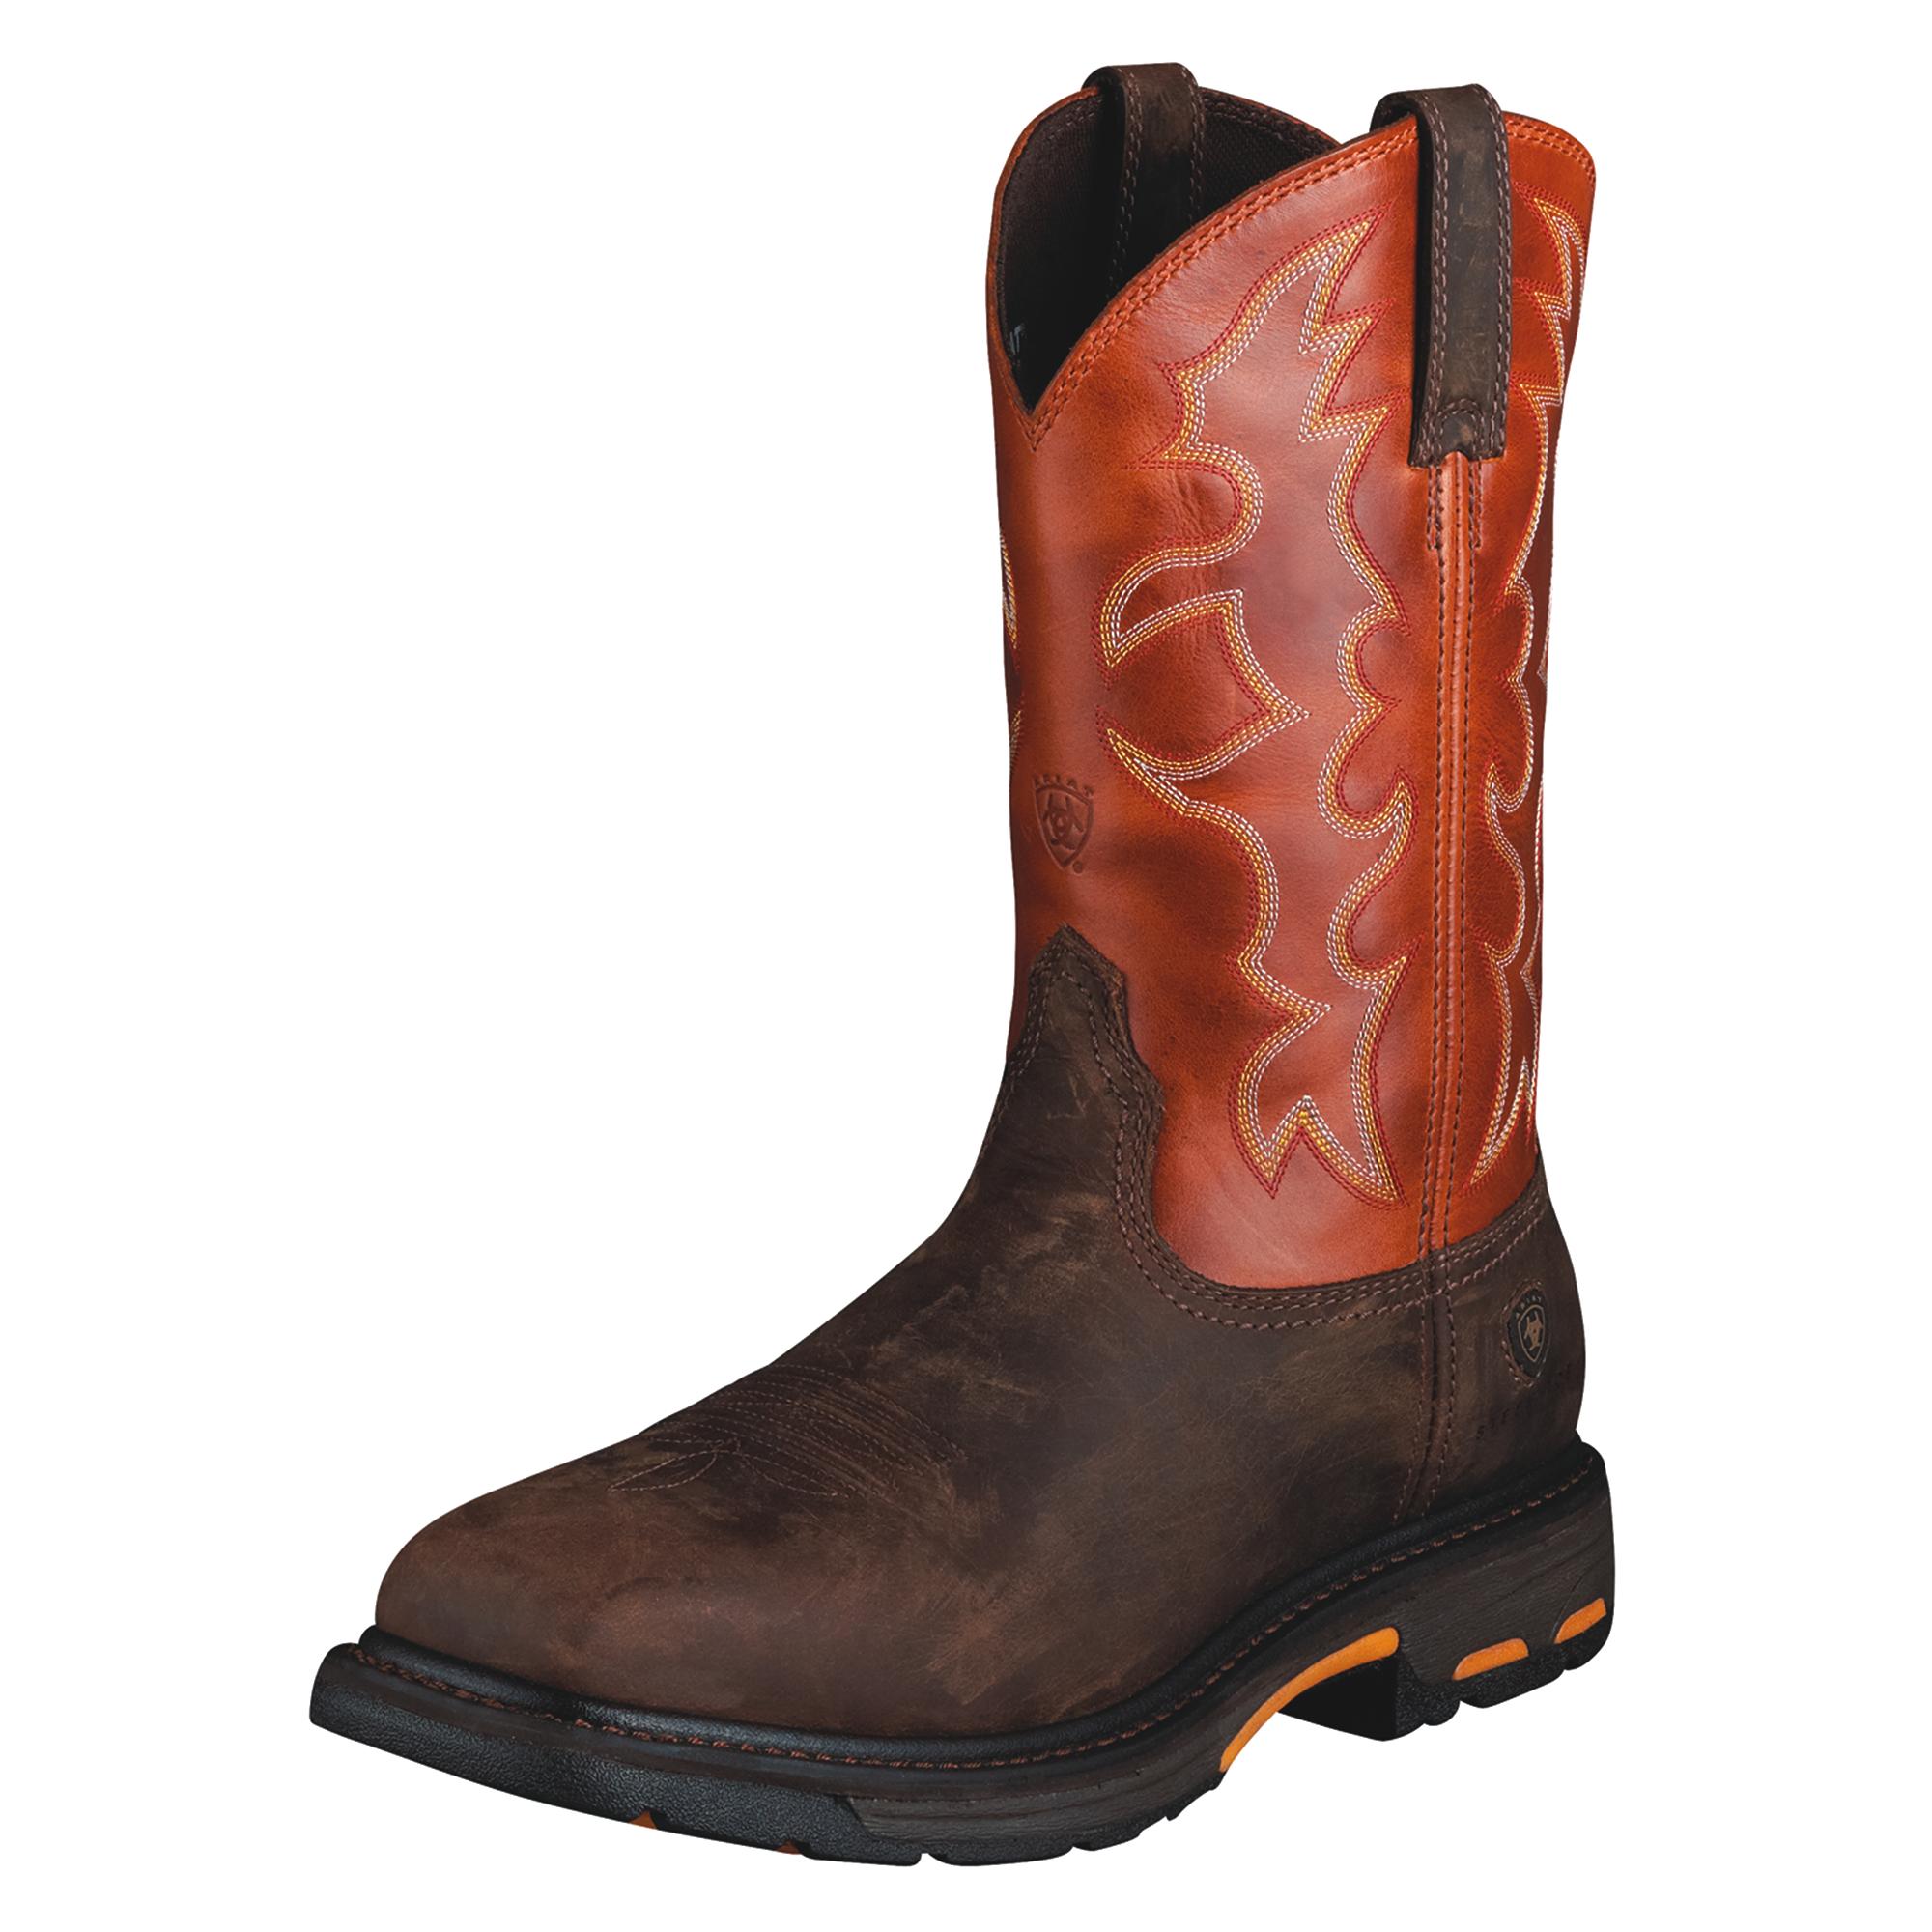 870b15d812b0 Men's Footwear | Murdoch's